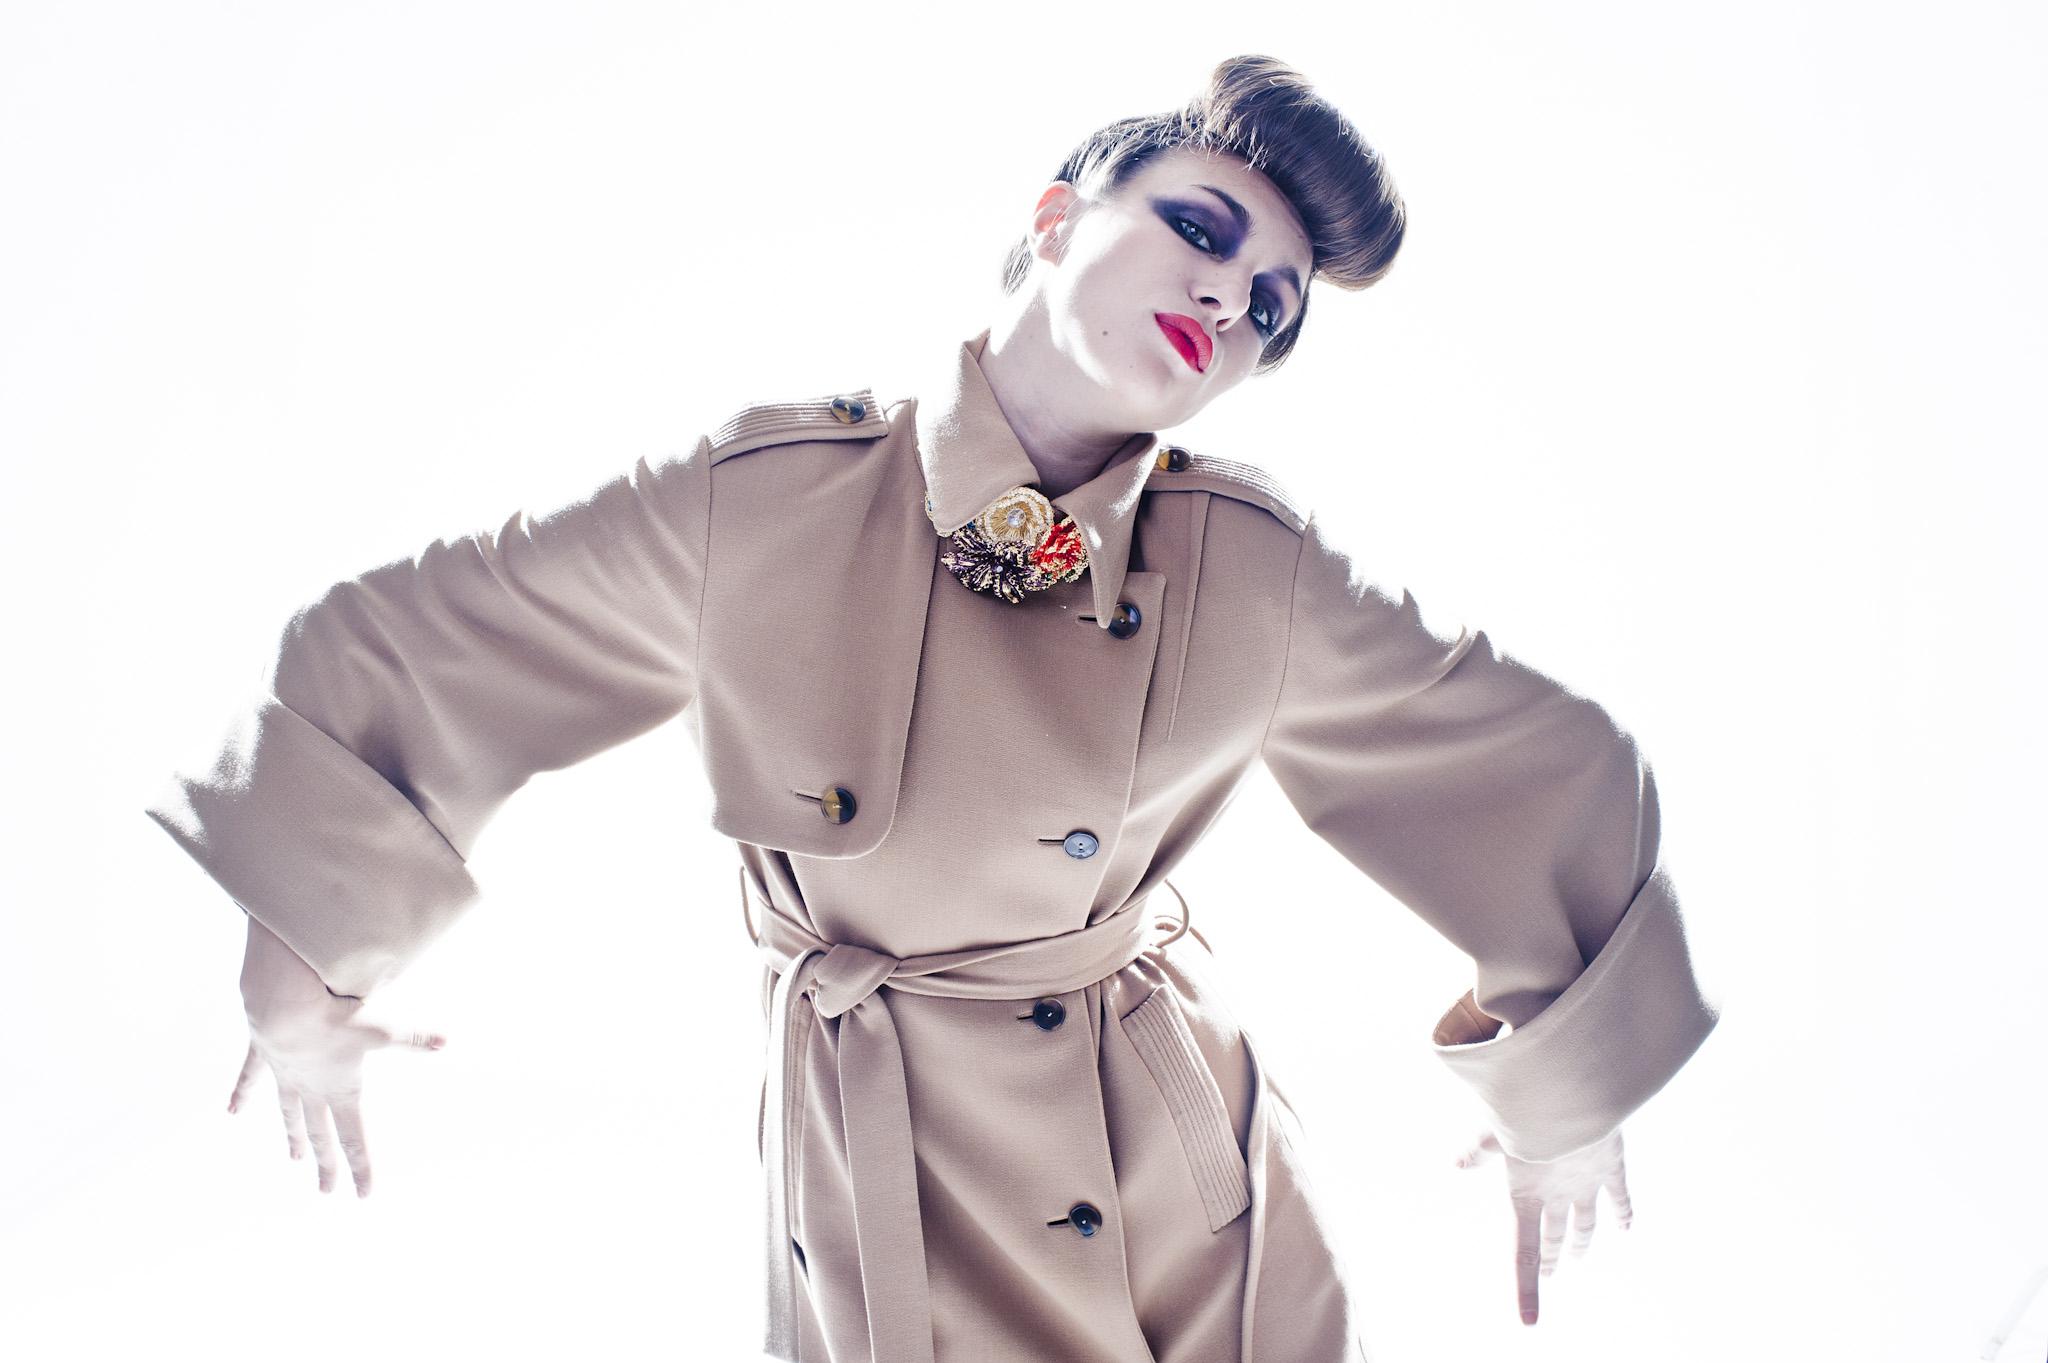 dla: Malemen, fot.: Jacek Poremba, stylizacja/makijaż: Robert Bielski, modelka: Anna Czartoryska